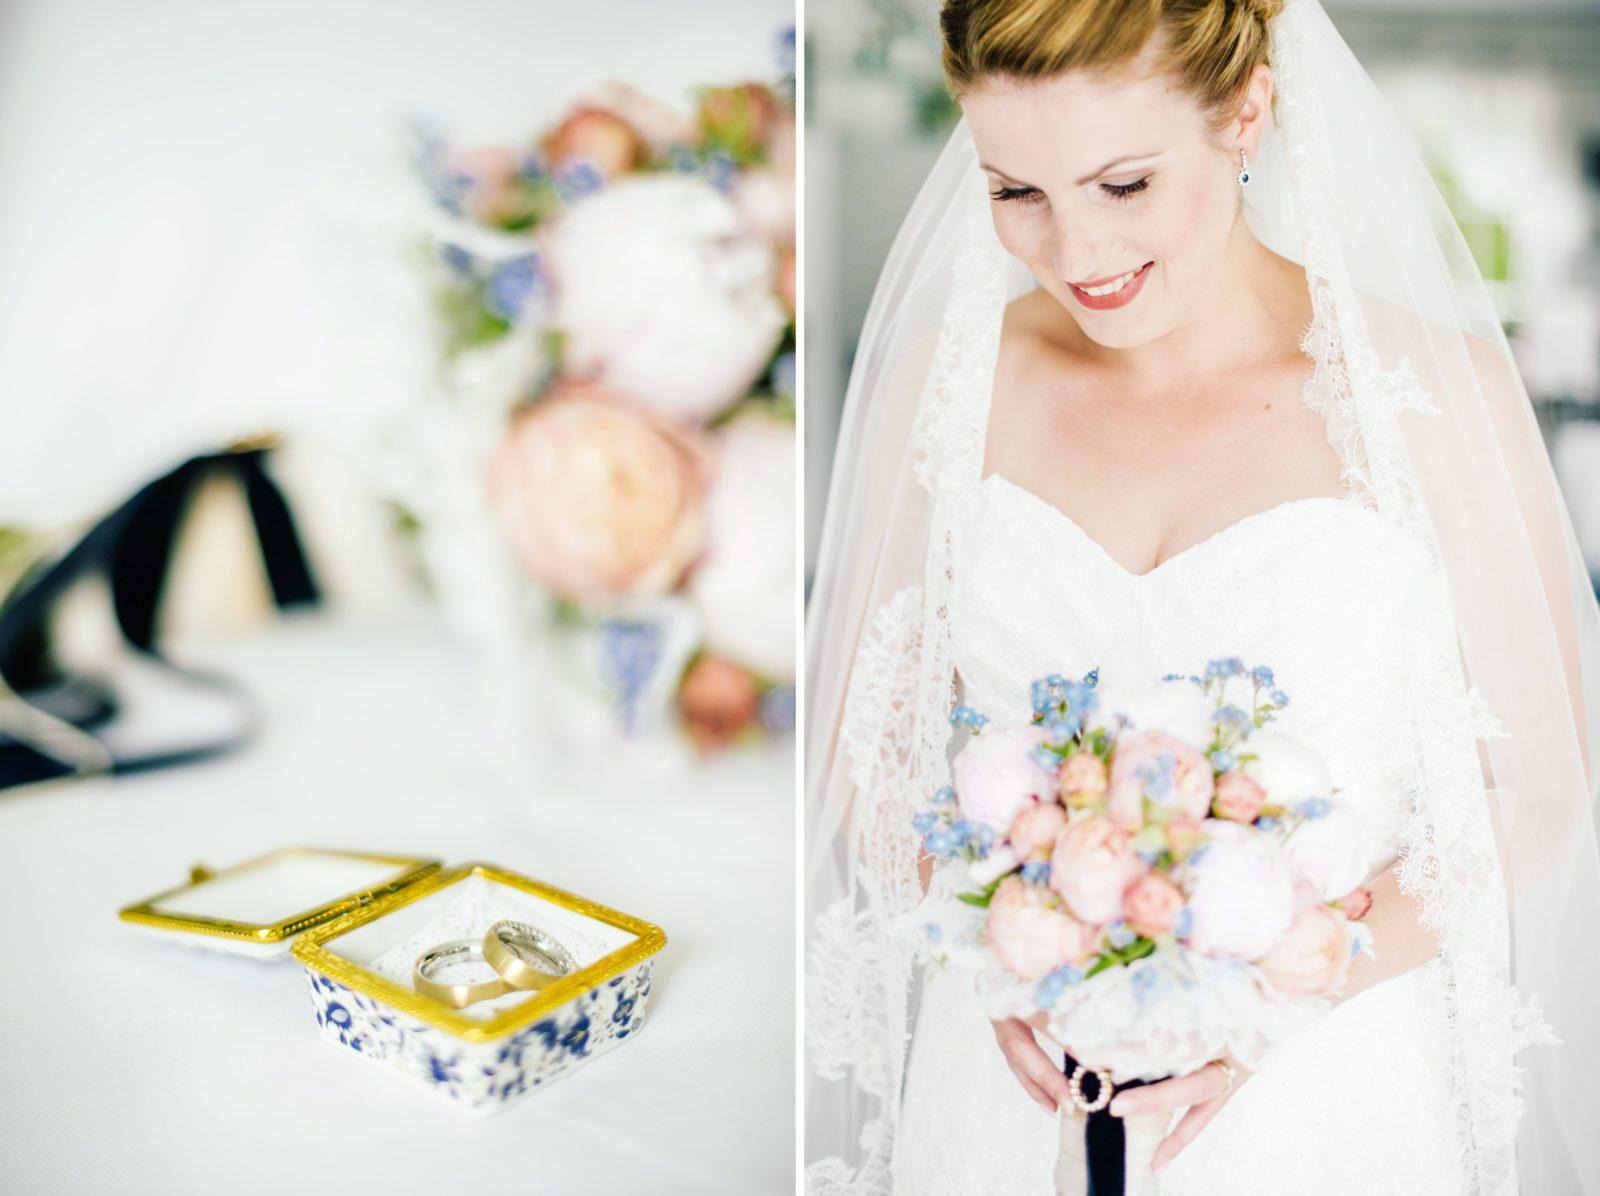 Viky, eine besonders entzückende Braut